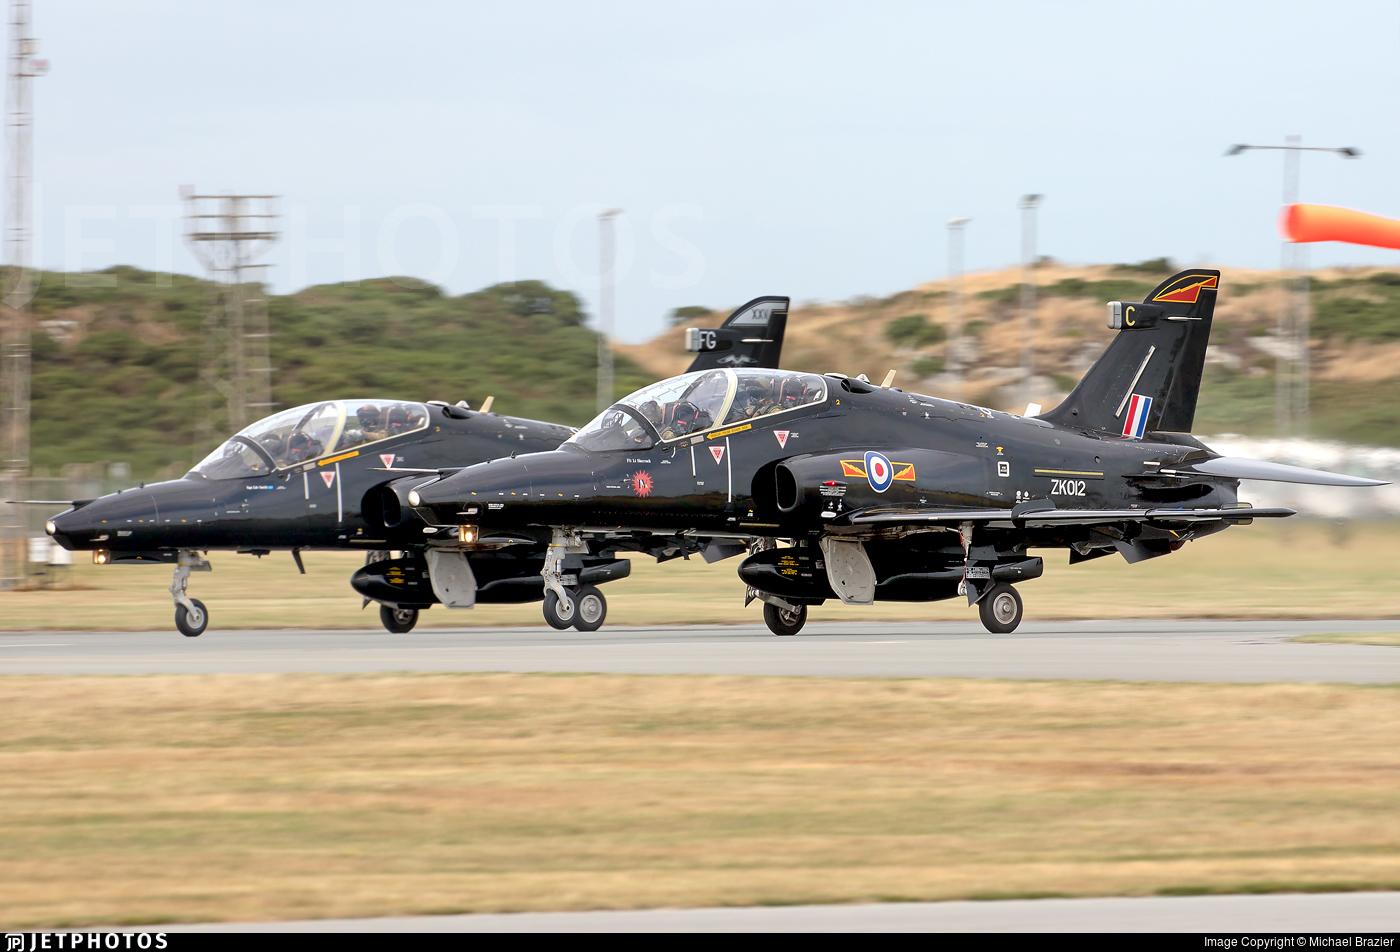 ZK012 - British Aerospace Hawk T.2 - United Kingdom - Royal Air Force (RAF)